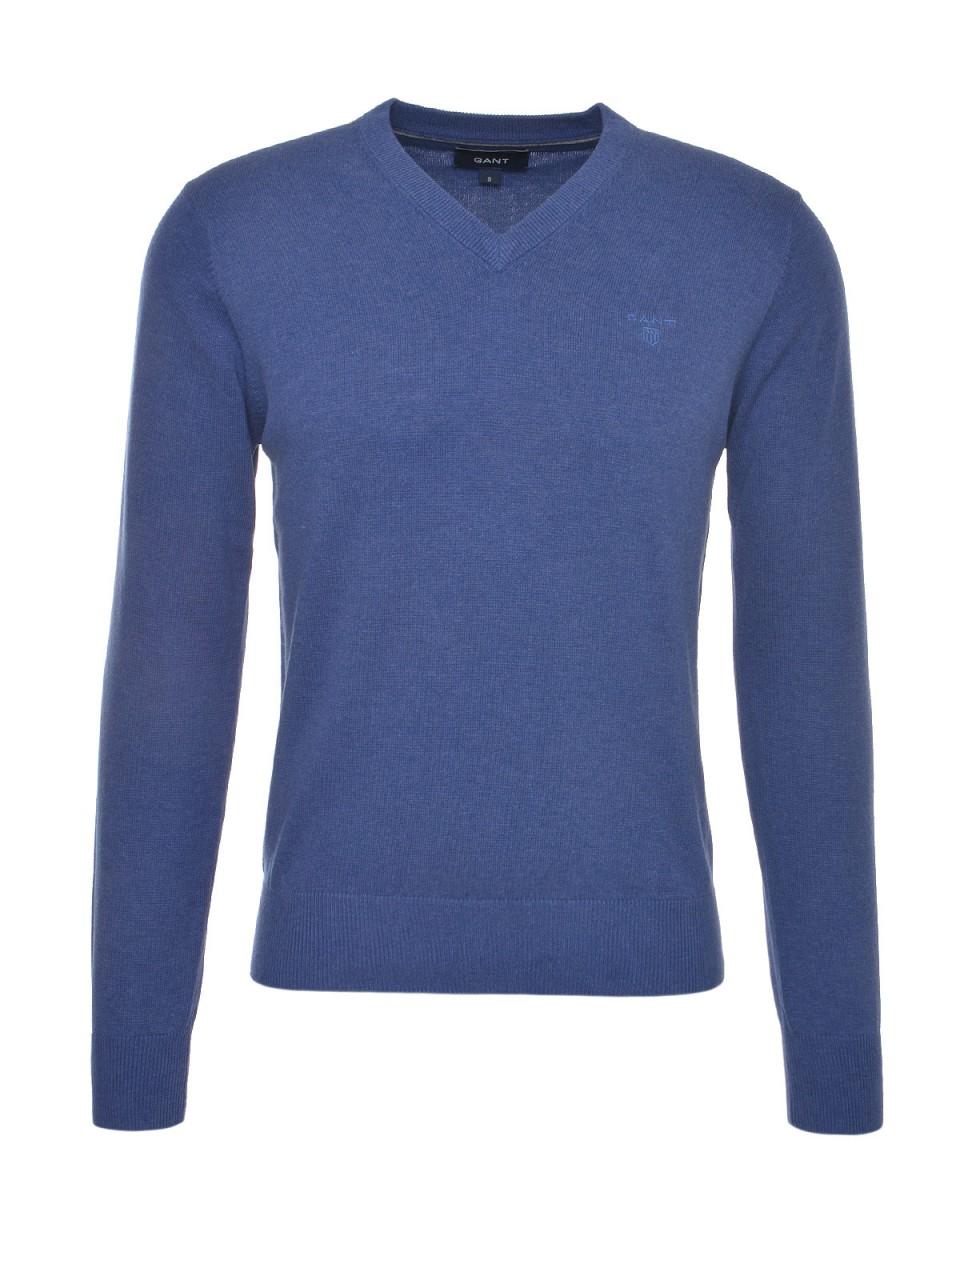 GANT Herren Pullover Weight Cotton, blau